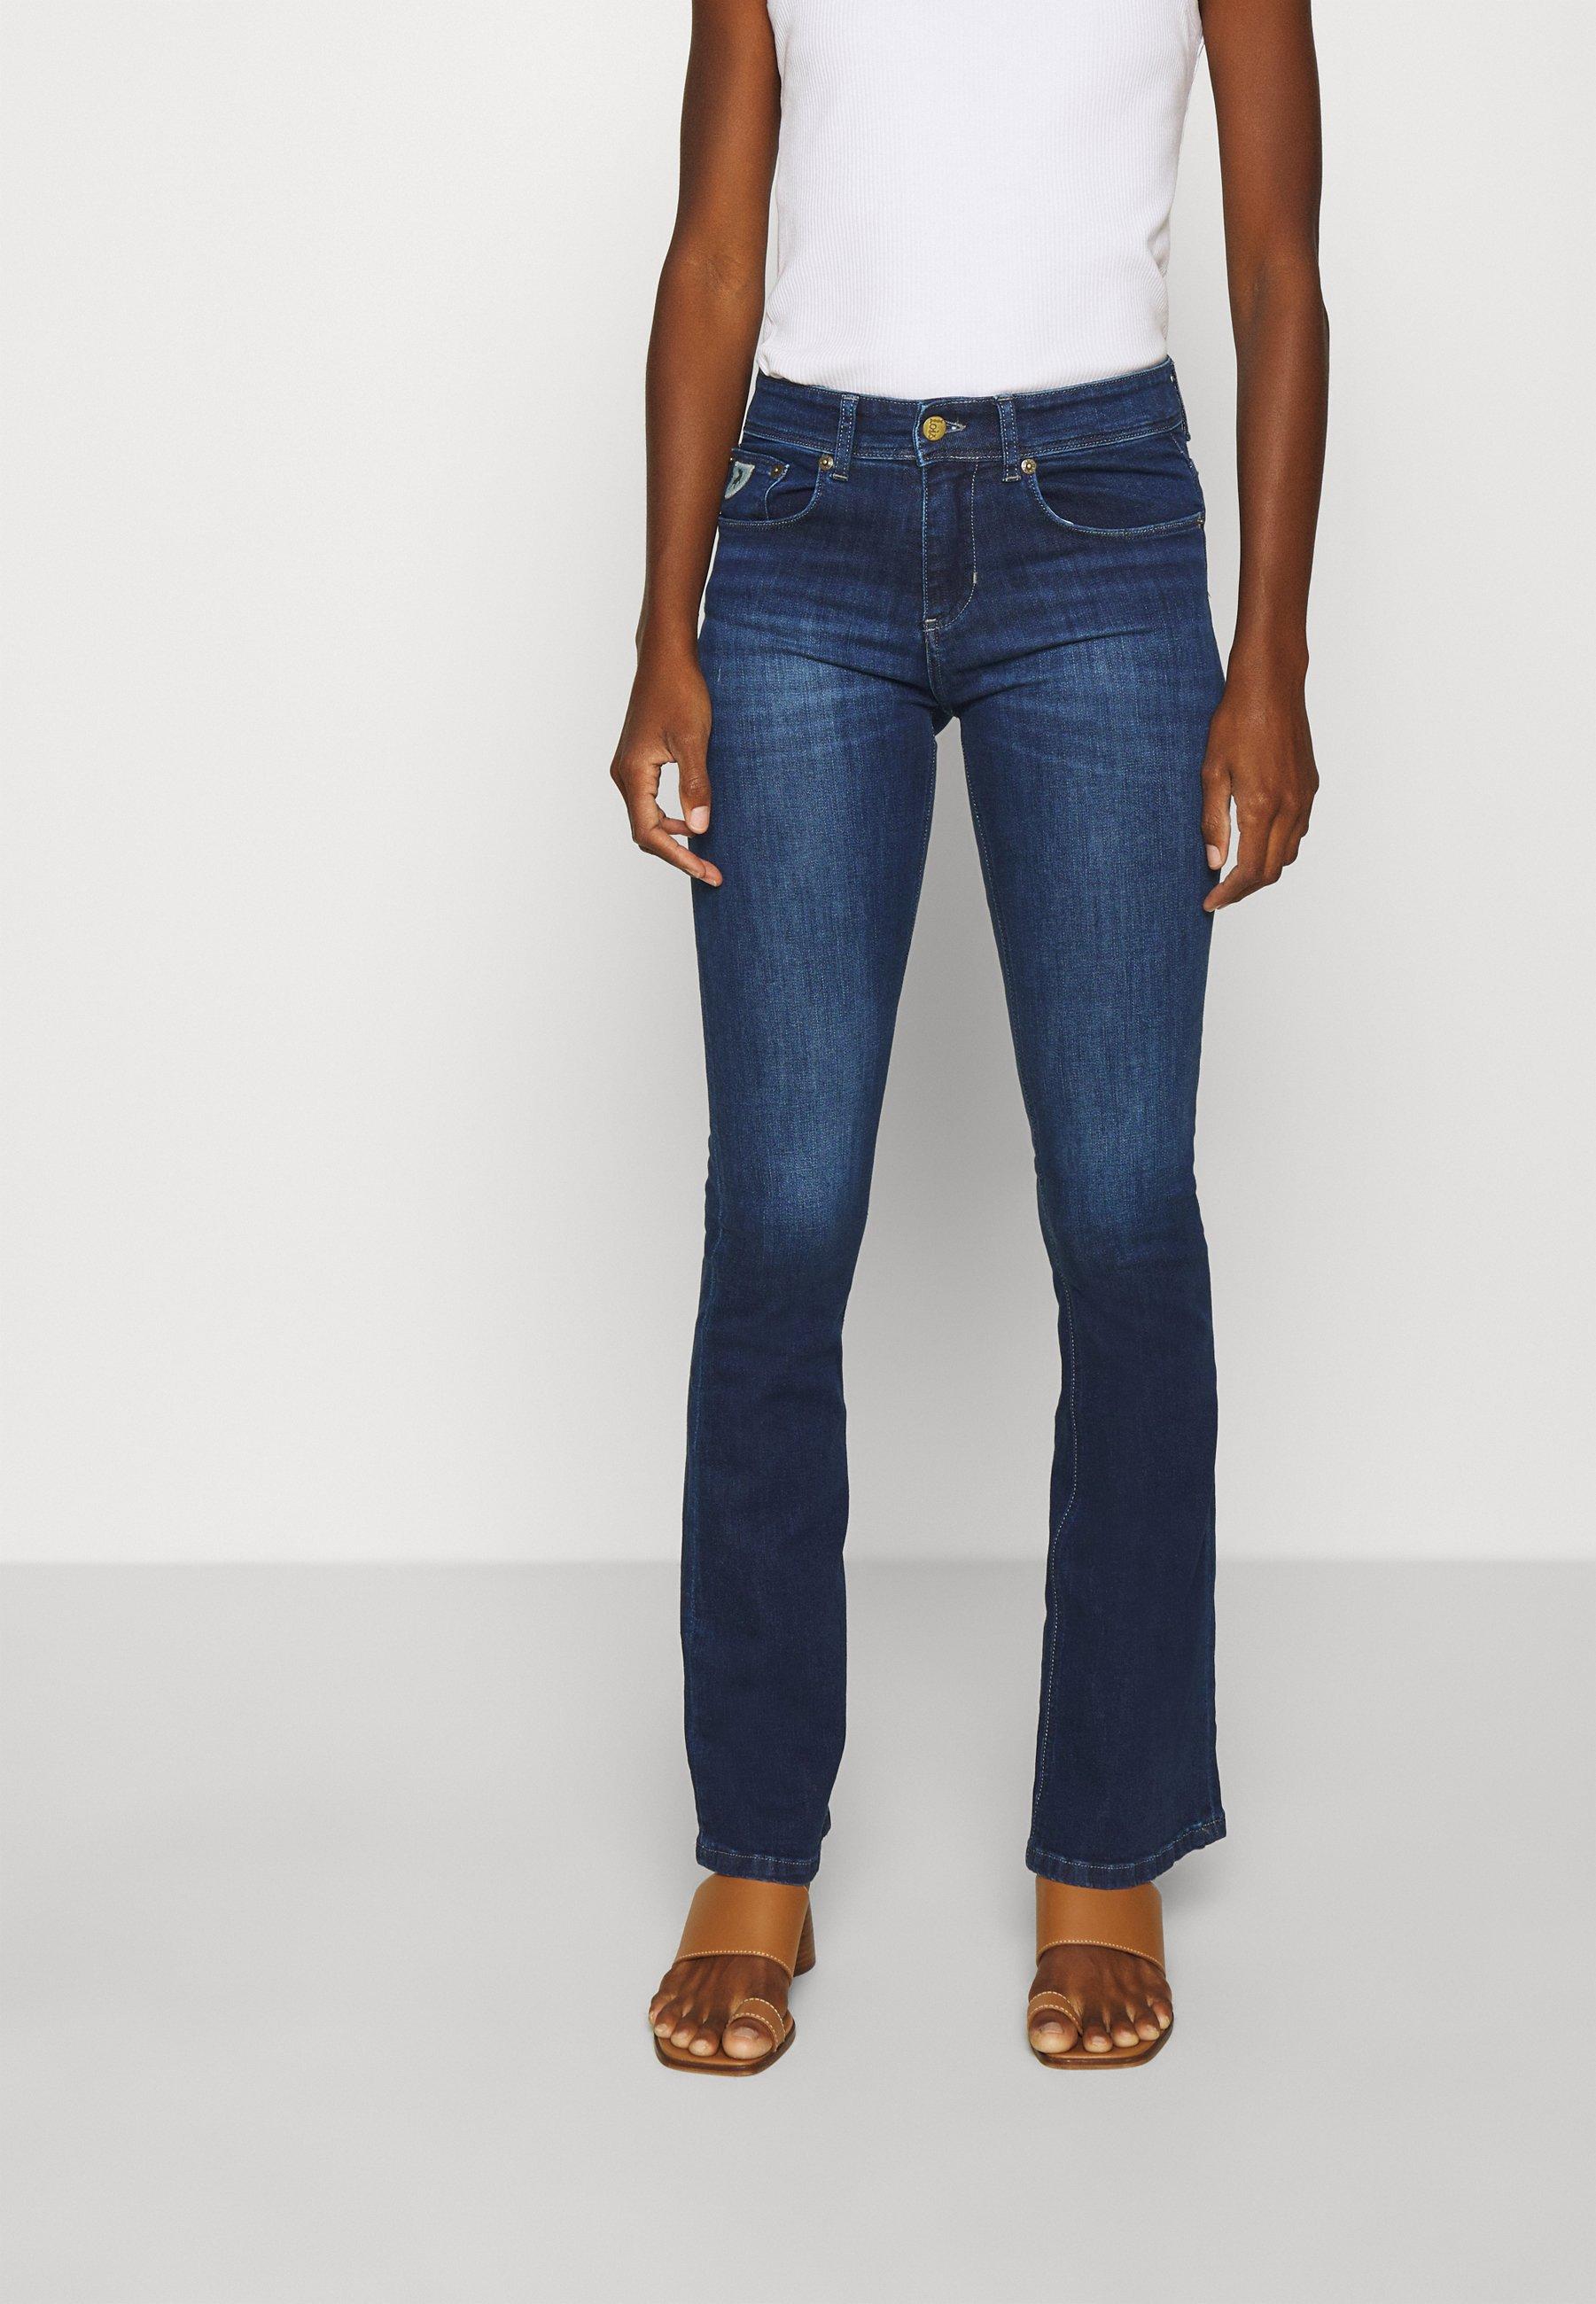 Navidad Riego Estimar  LOIS Jeans MELROSE - Flared Jeans - dark stone/dark-blue denim -  Zalando.co.uk